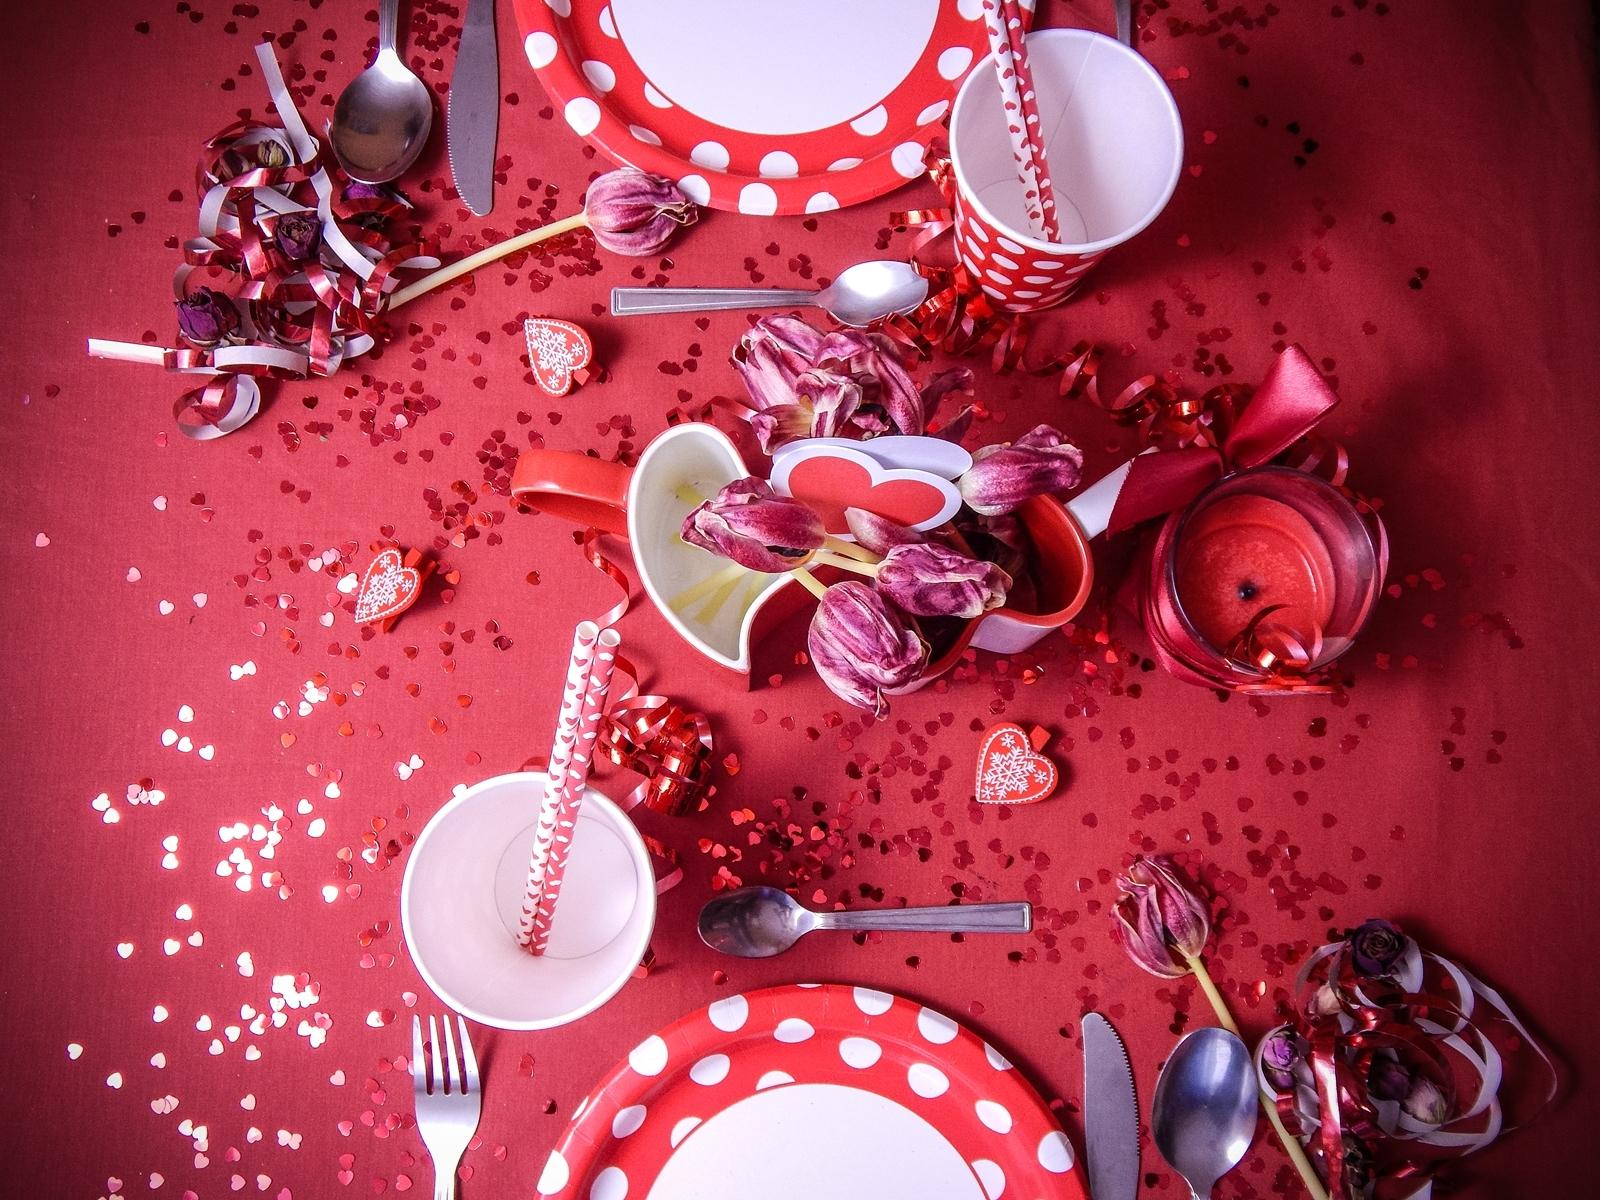 1 jak udekorować stół na walentynki walentynkowa kolacja pomysły na walentynkowe prezenty walentynkowe dekoracje home interior valentines blog melodylaniella partybox red